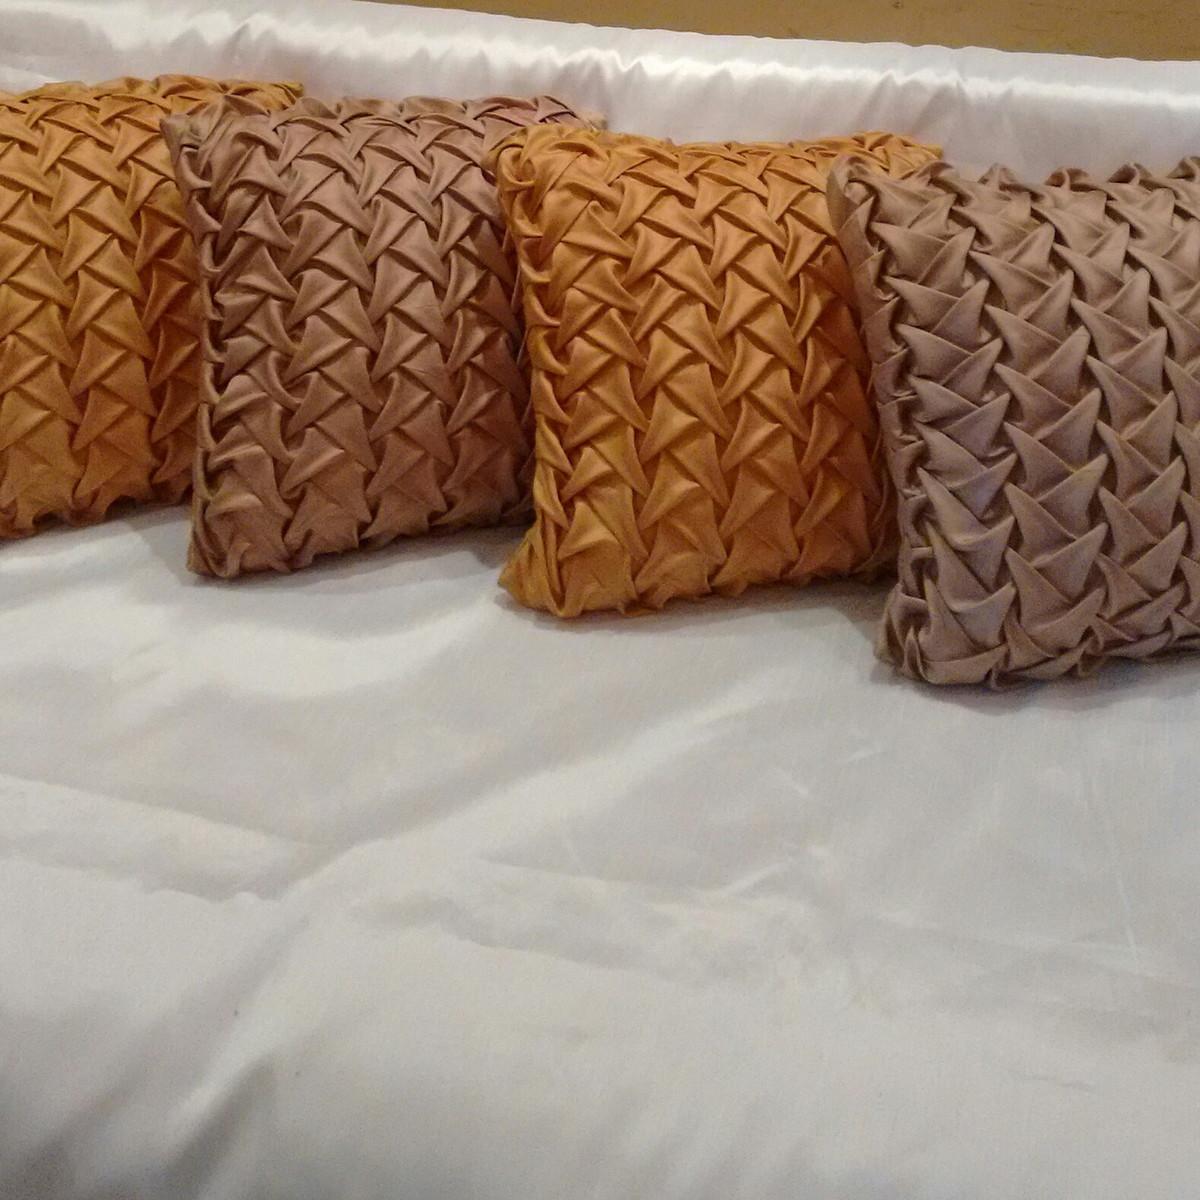 d47146c06 capa de almofada decorativa no Elo7